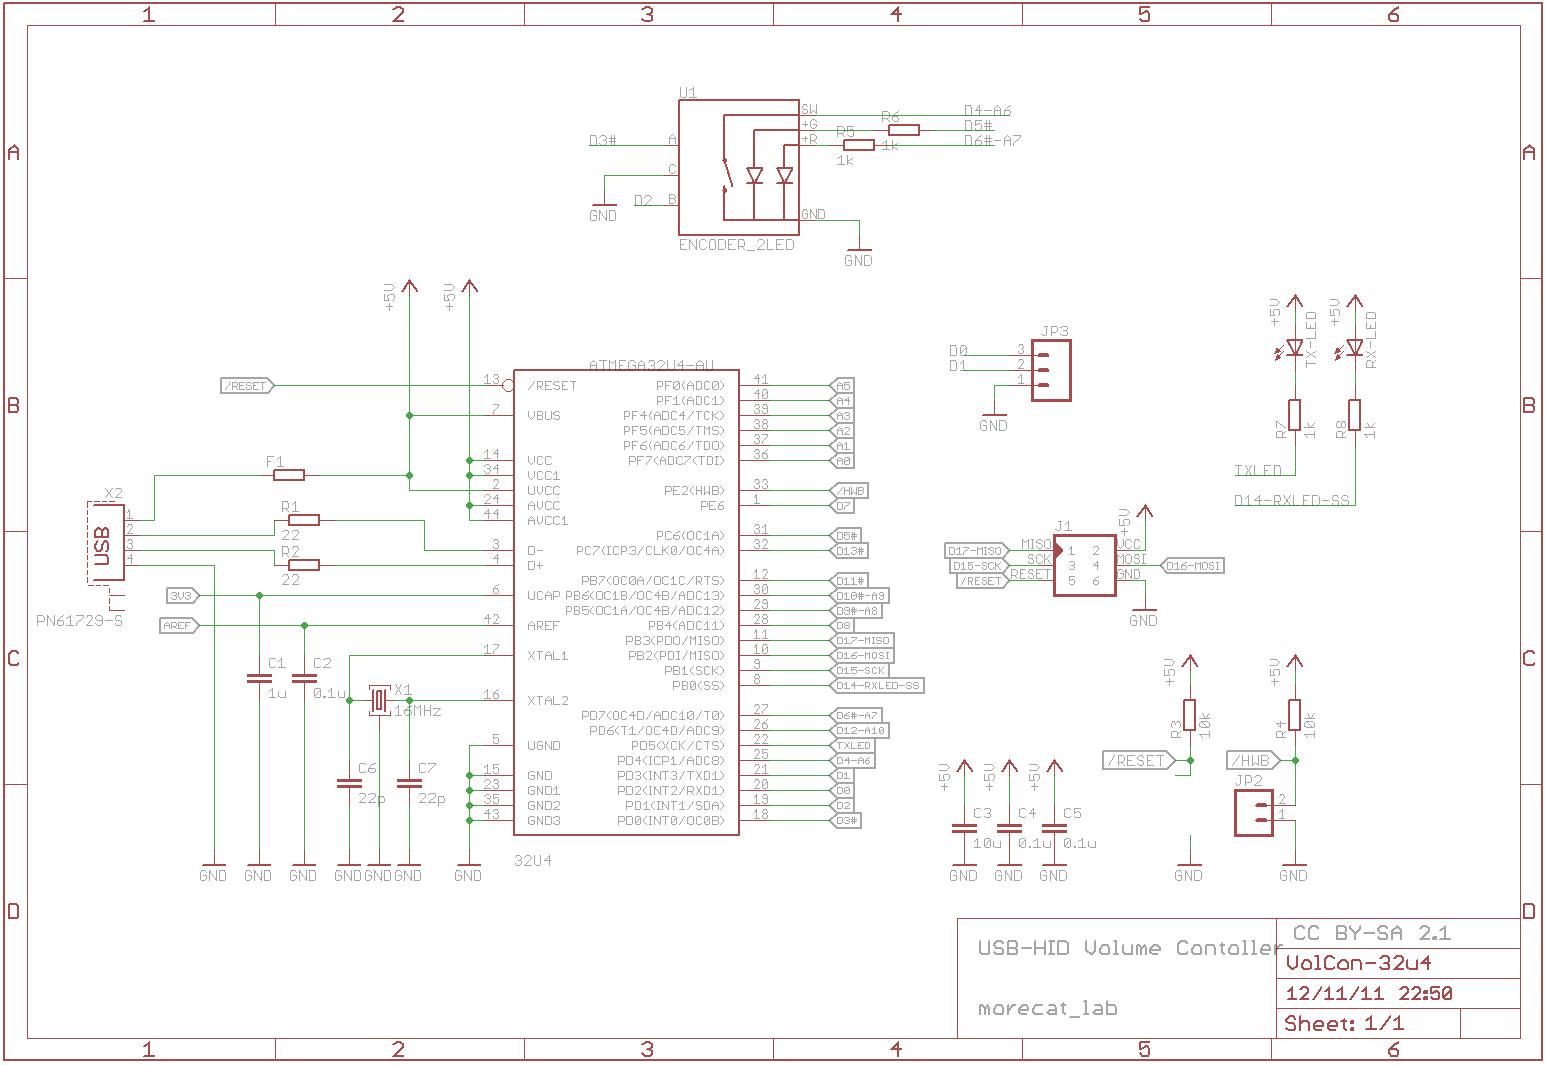 Morecat Lab Usb Hid Volume Controller Pcb